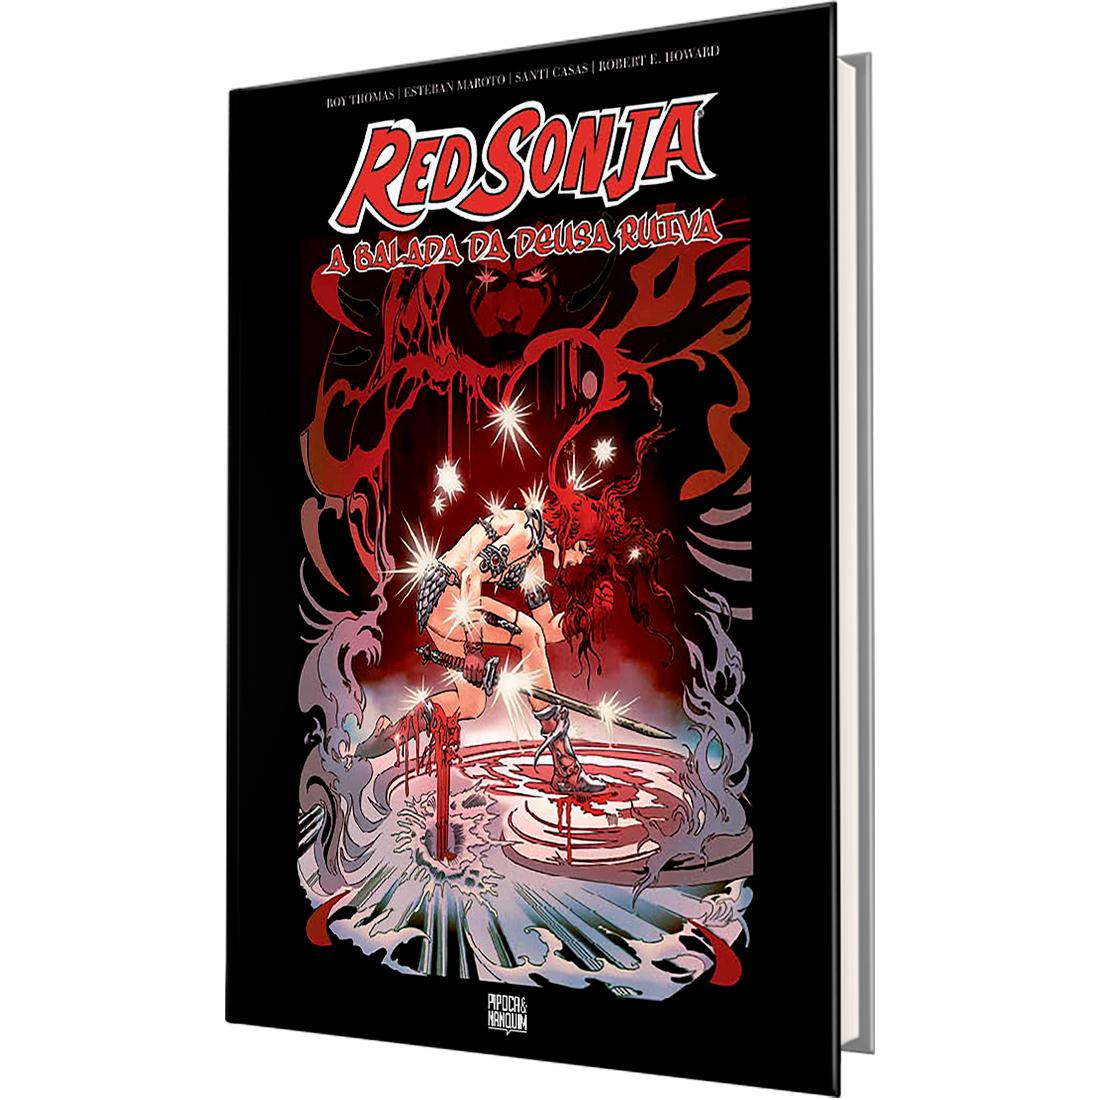 Red Sonja - A Balada da Deusa Ruiva